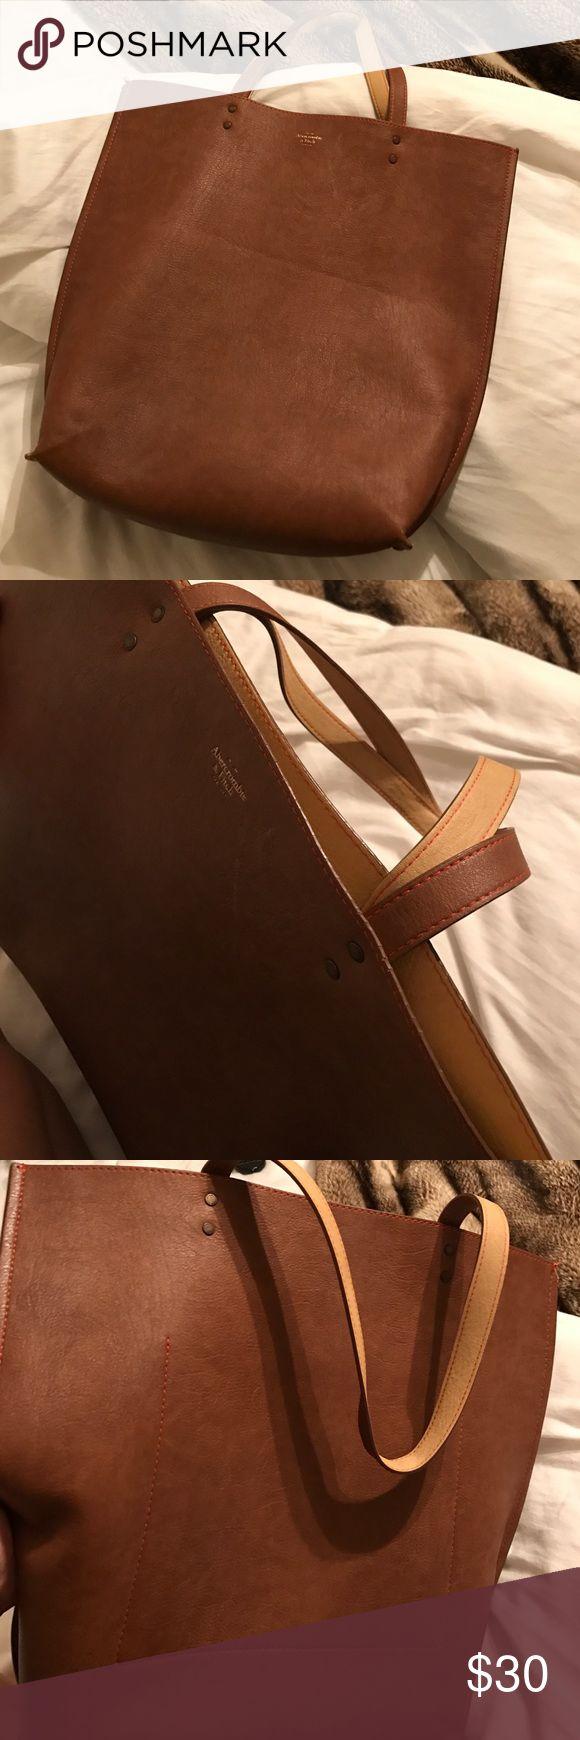 Reversible brown/tan bag/tote Brown/tan reversible Abercrombie bag/tote. + big pocket. Abercrombie & Fitch Bags